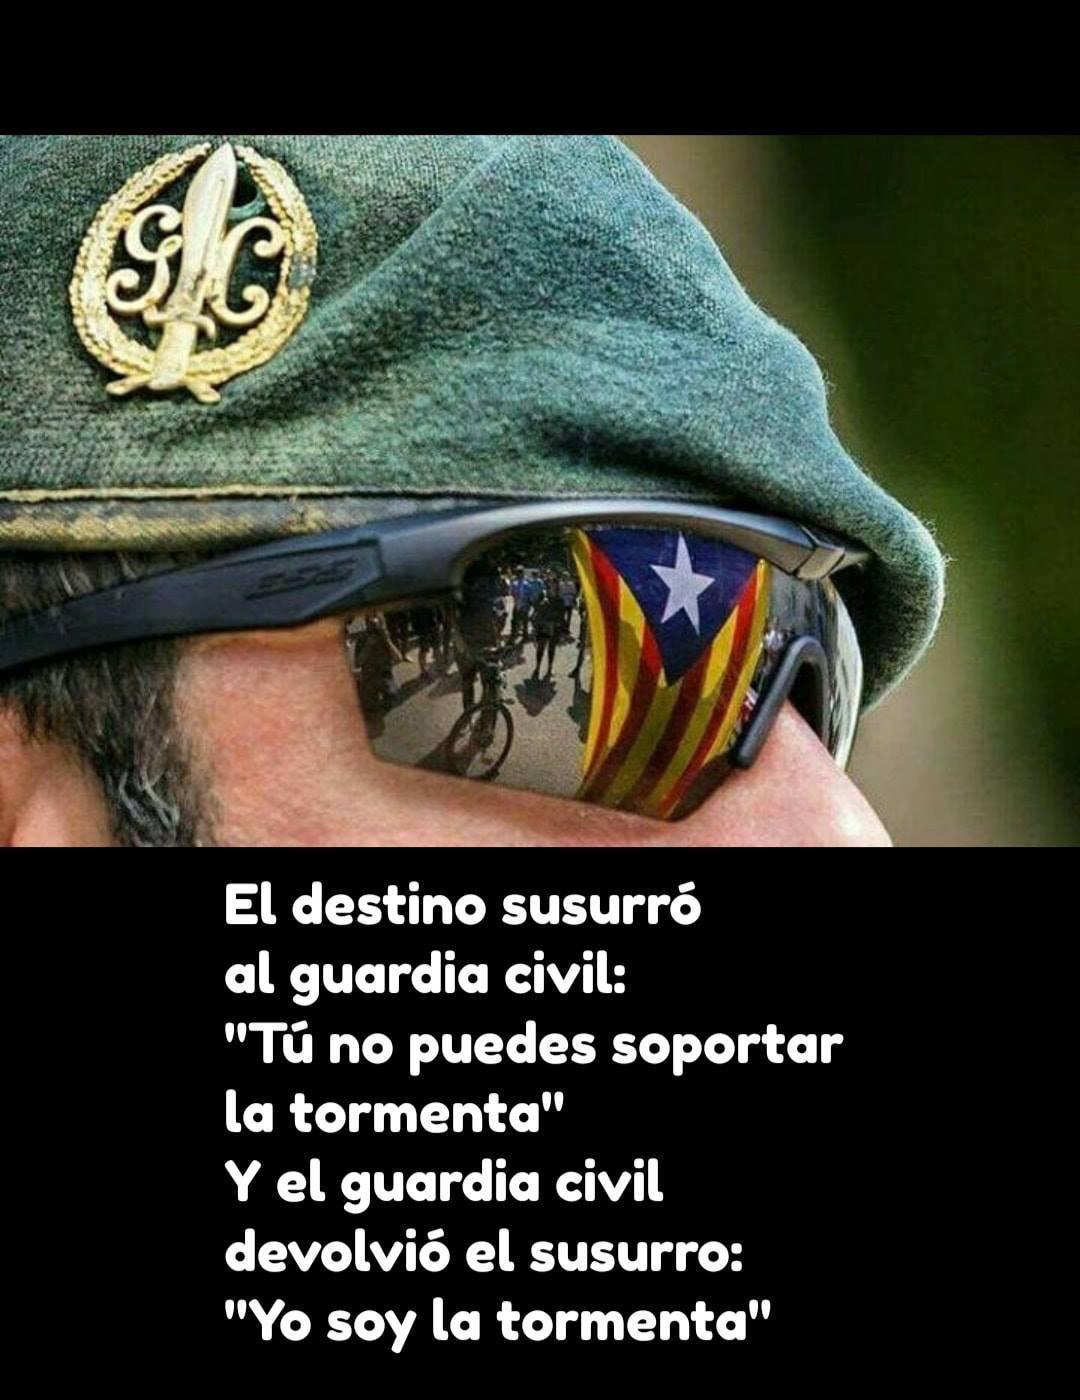 Los Guardias Civiles Democráticos, fueron derrotados, nunca se rindieron.